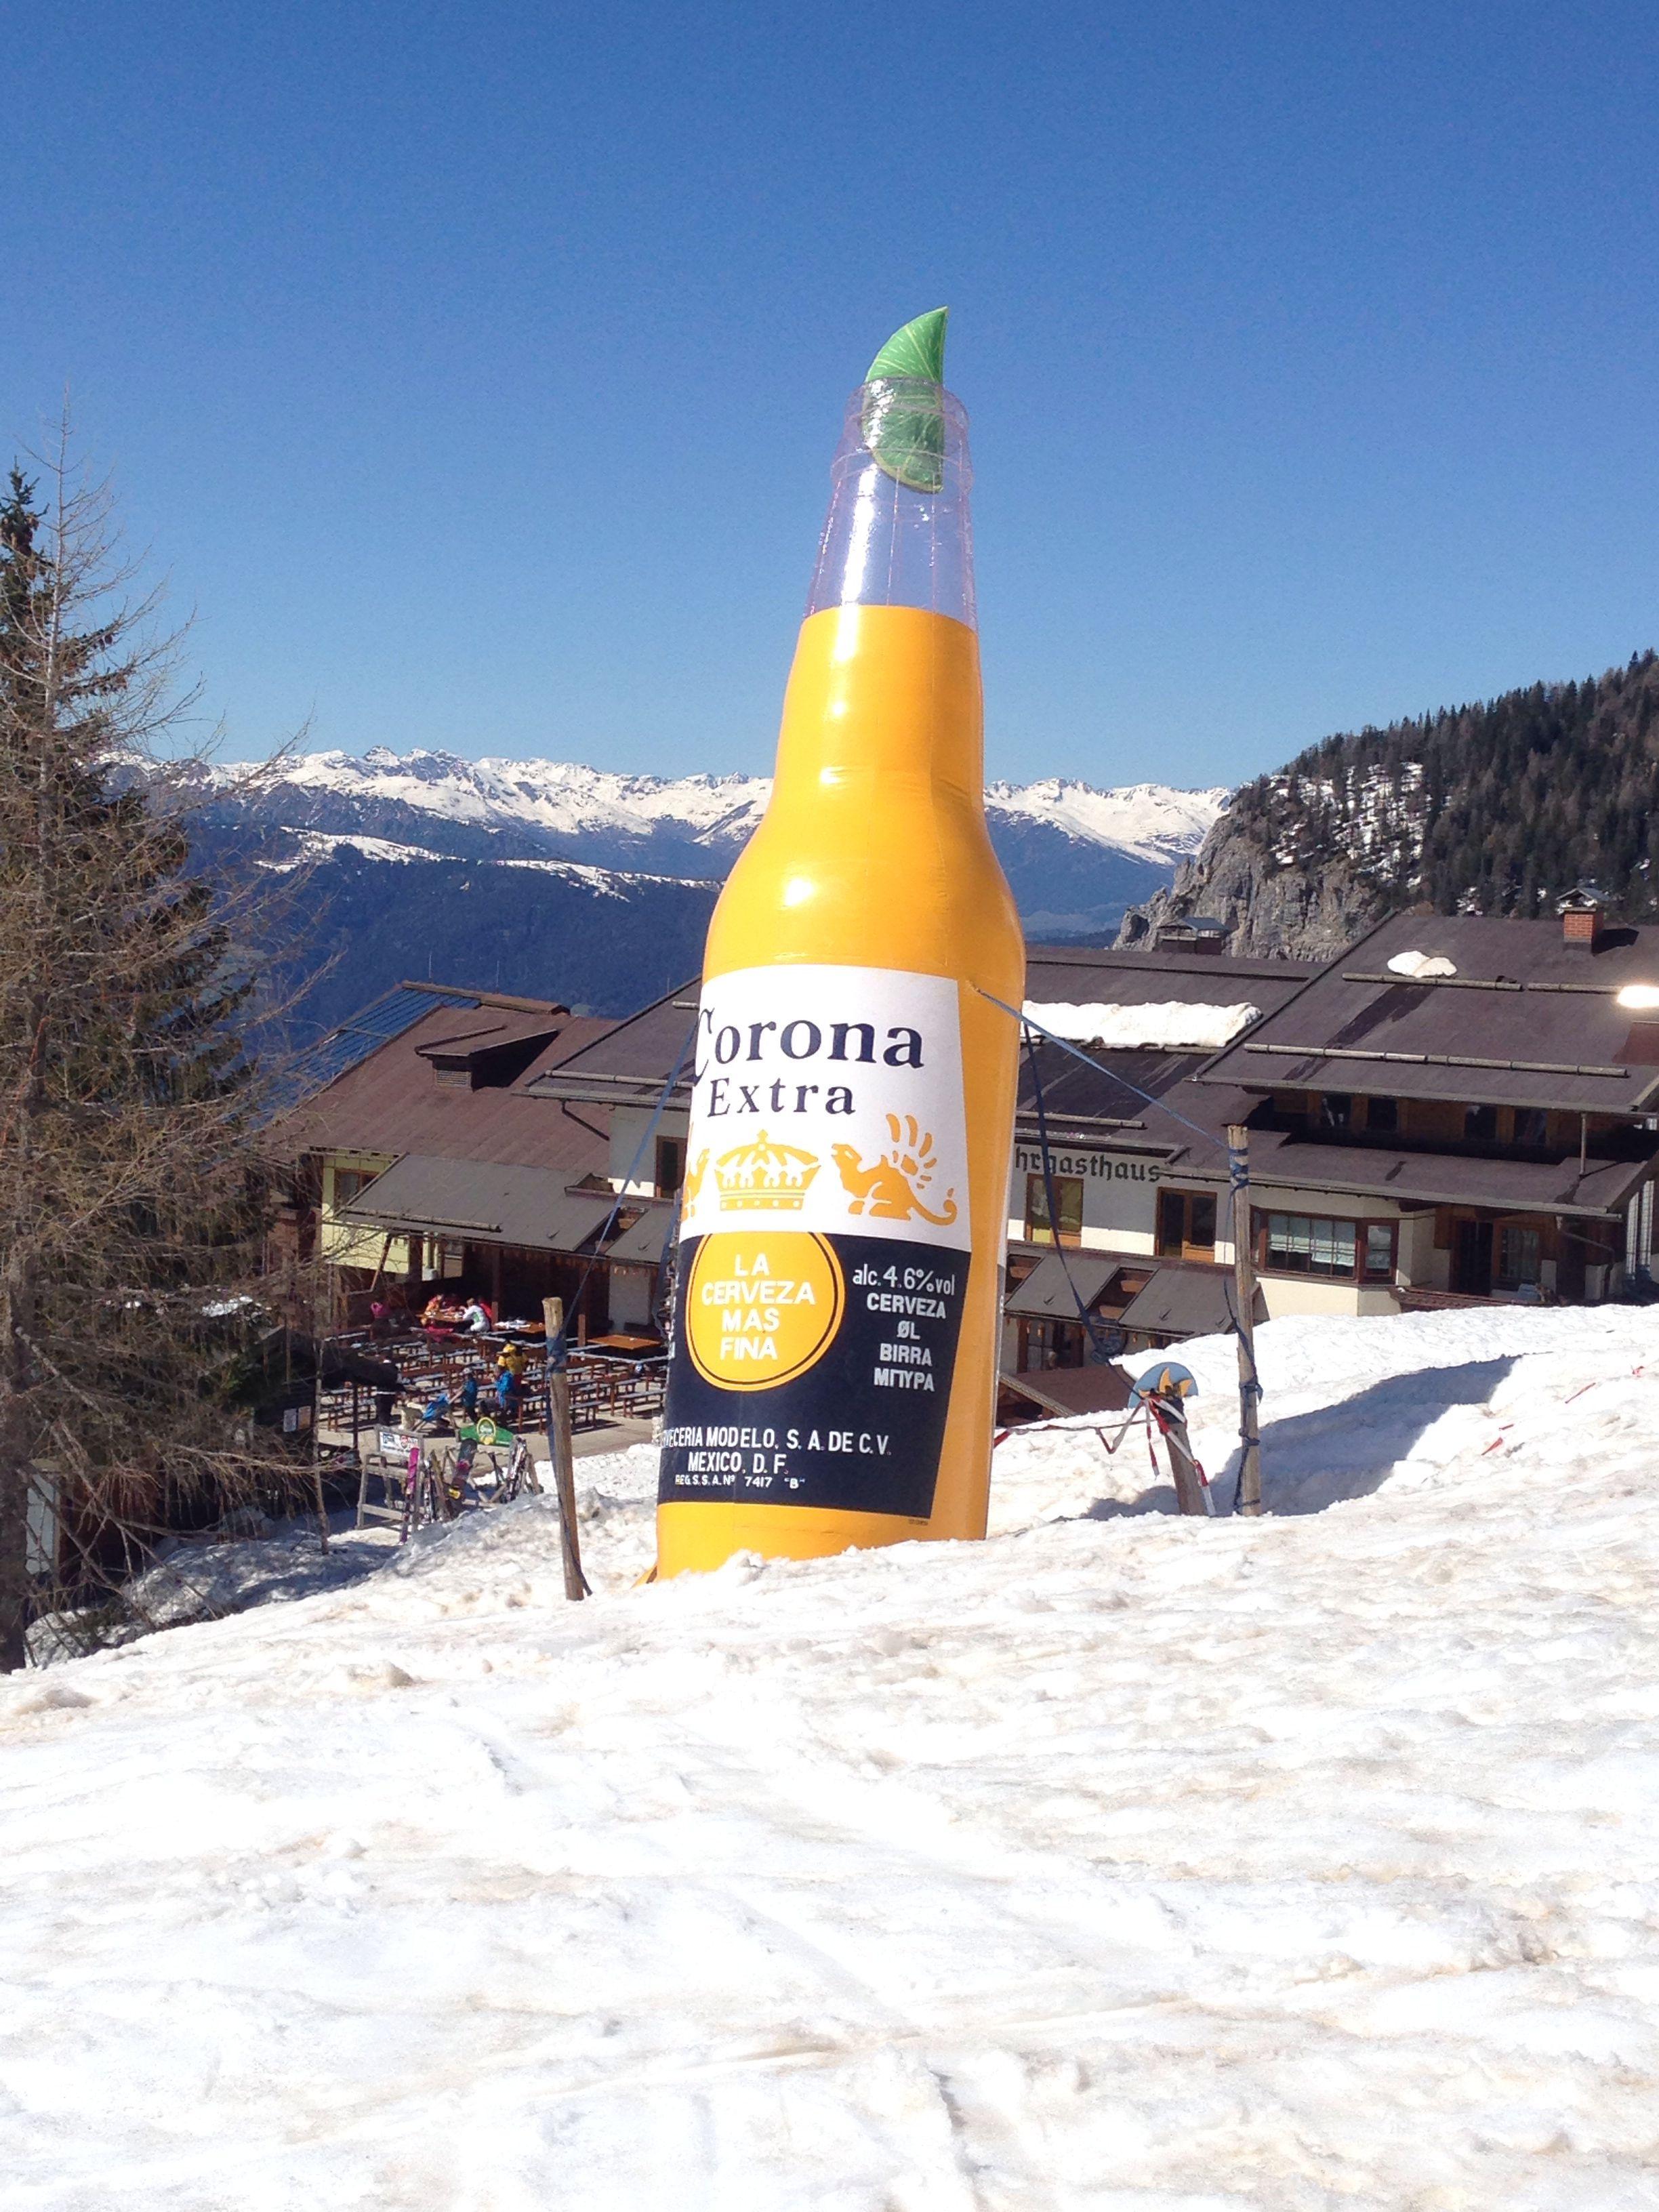 Huge Corona